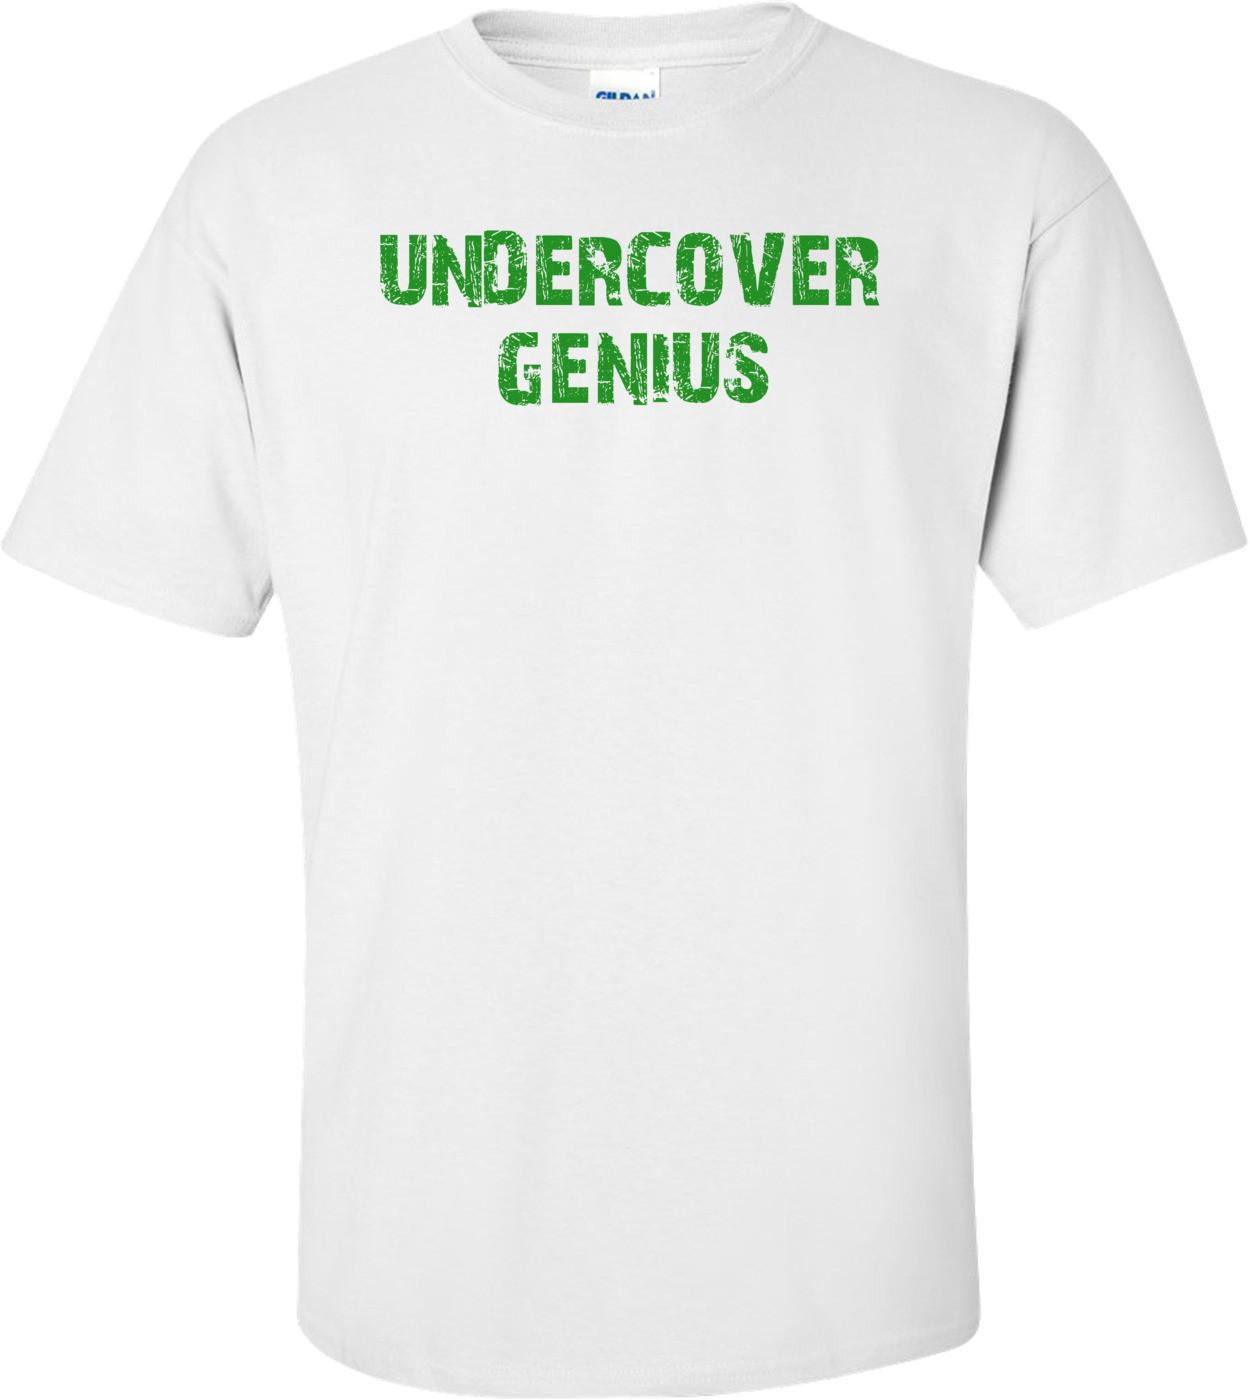 UNDERCOVER GENIUS Shirt